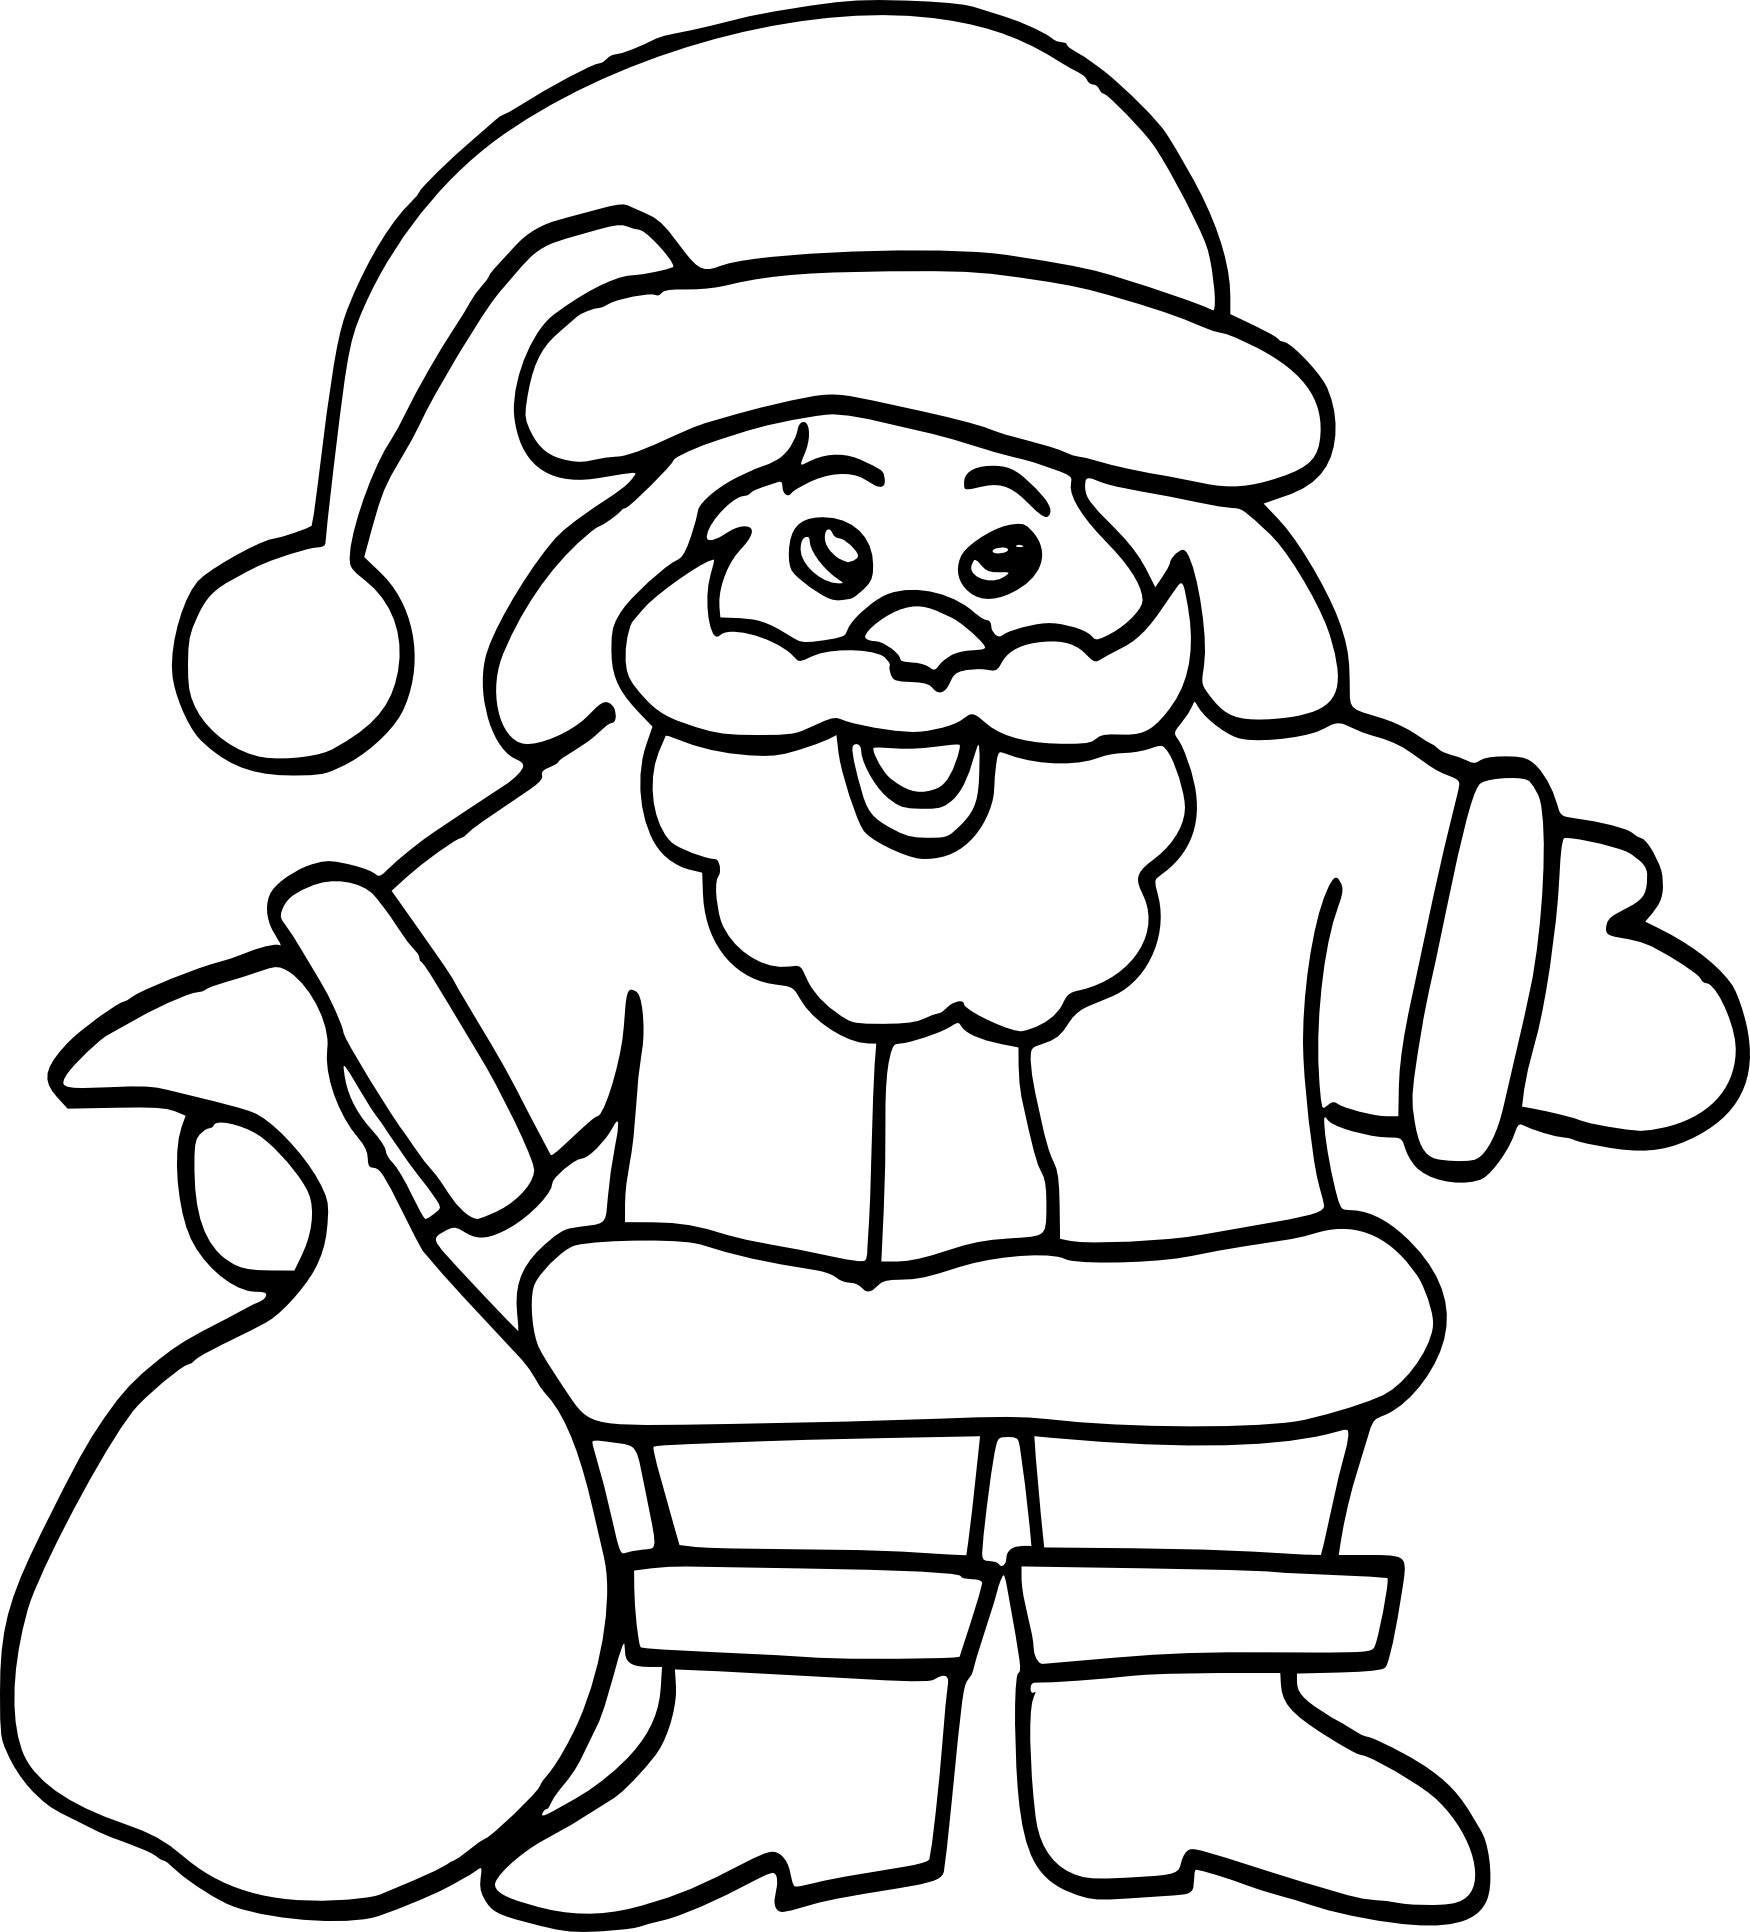 Coloriage Père Noël Facile À Imprimer intérieur Dessin A Imprimer Pere Noel Gratuit